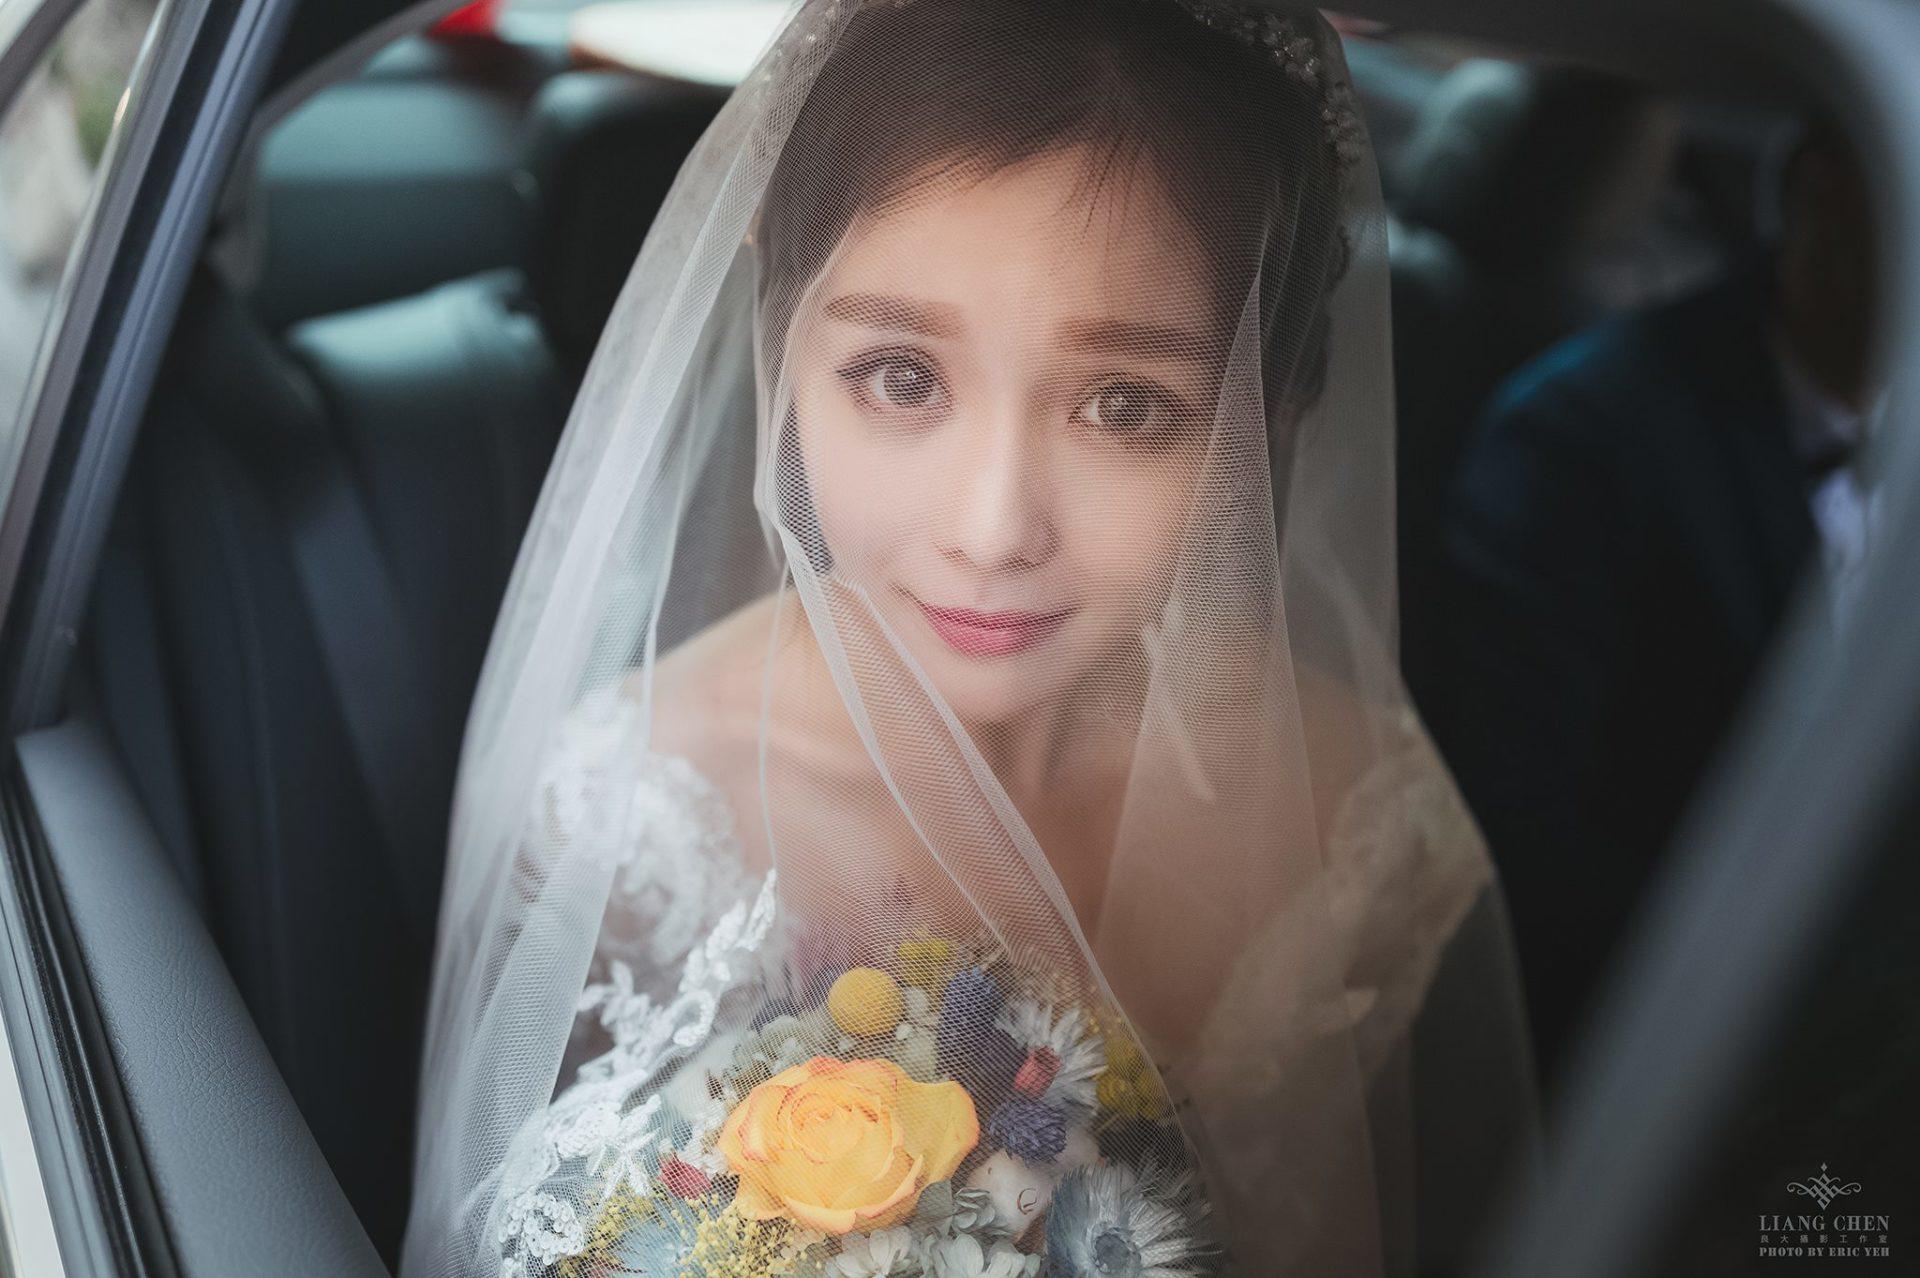 婚攝 Eric Yeh 良大 孕婦寫真 寶寶寫真 獨立攝影師 Eric 獨立婚紗 自助婚紗 婚禮紀實 平面攝影 婚禮紀錄 海外婚紗 自主婚紗 婚禮攝影 婚禮記錄